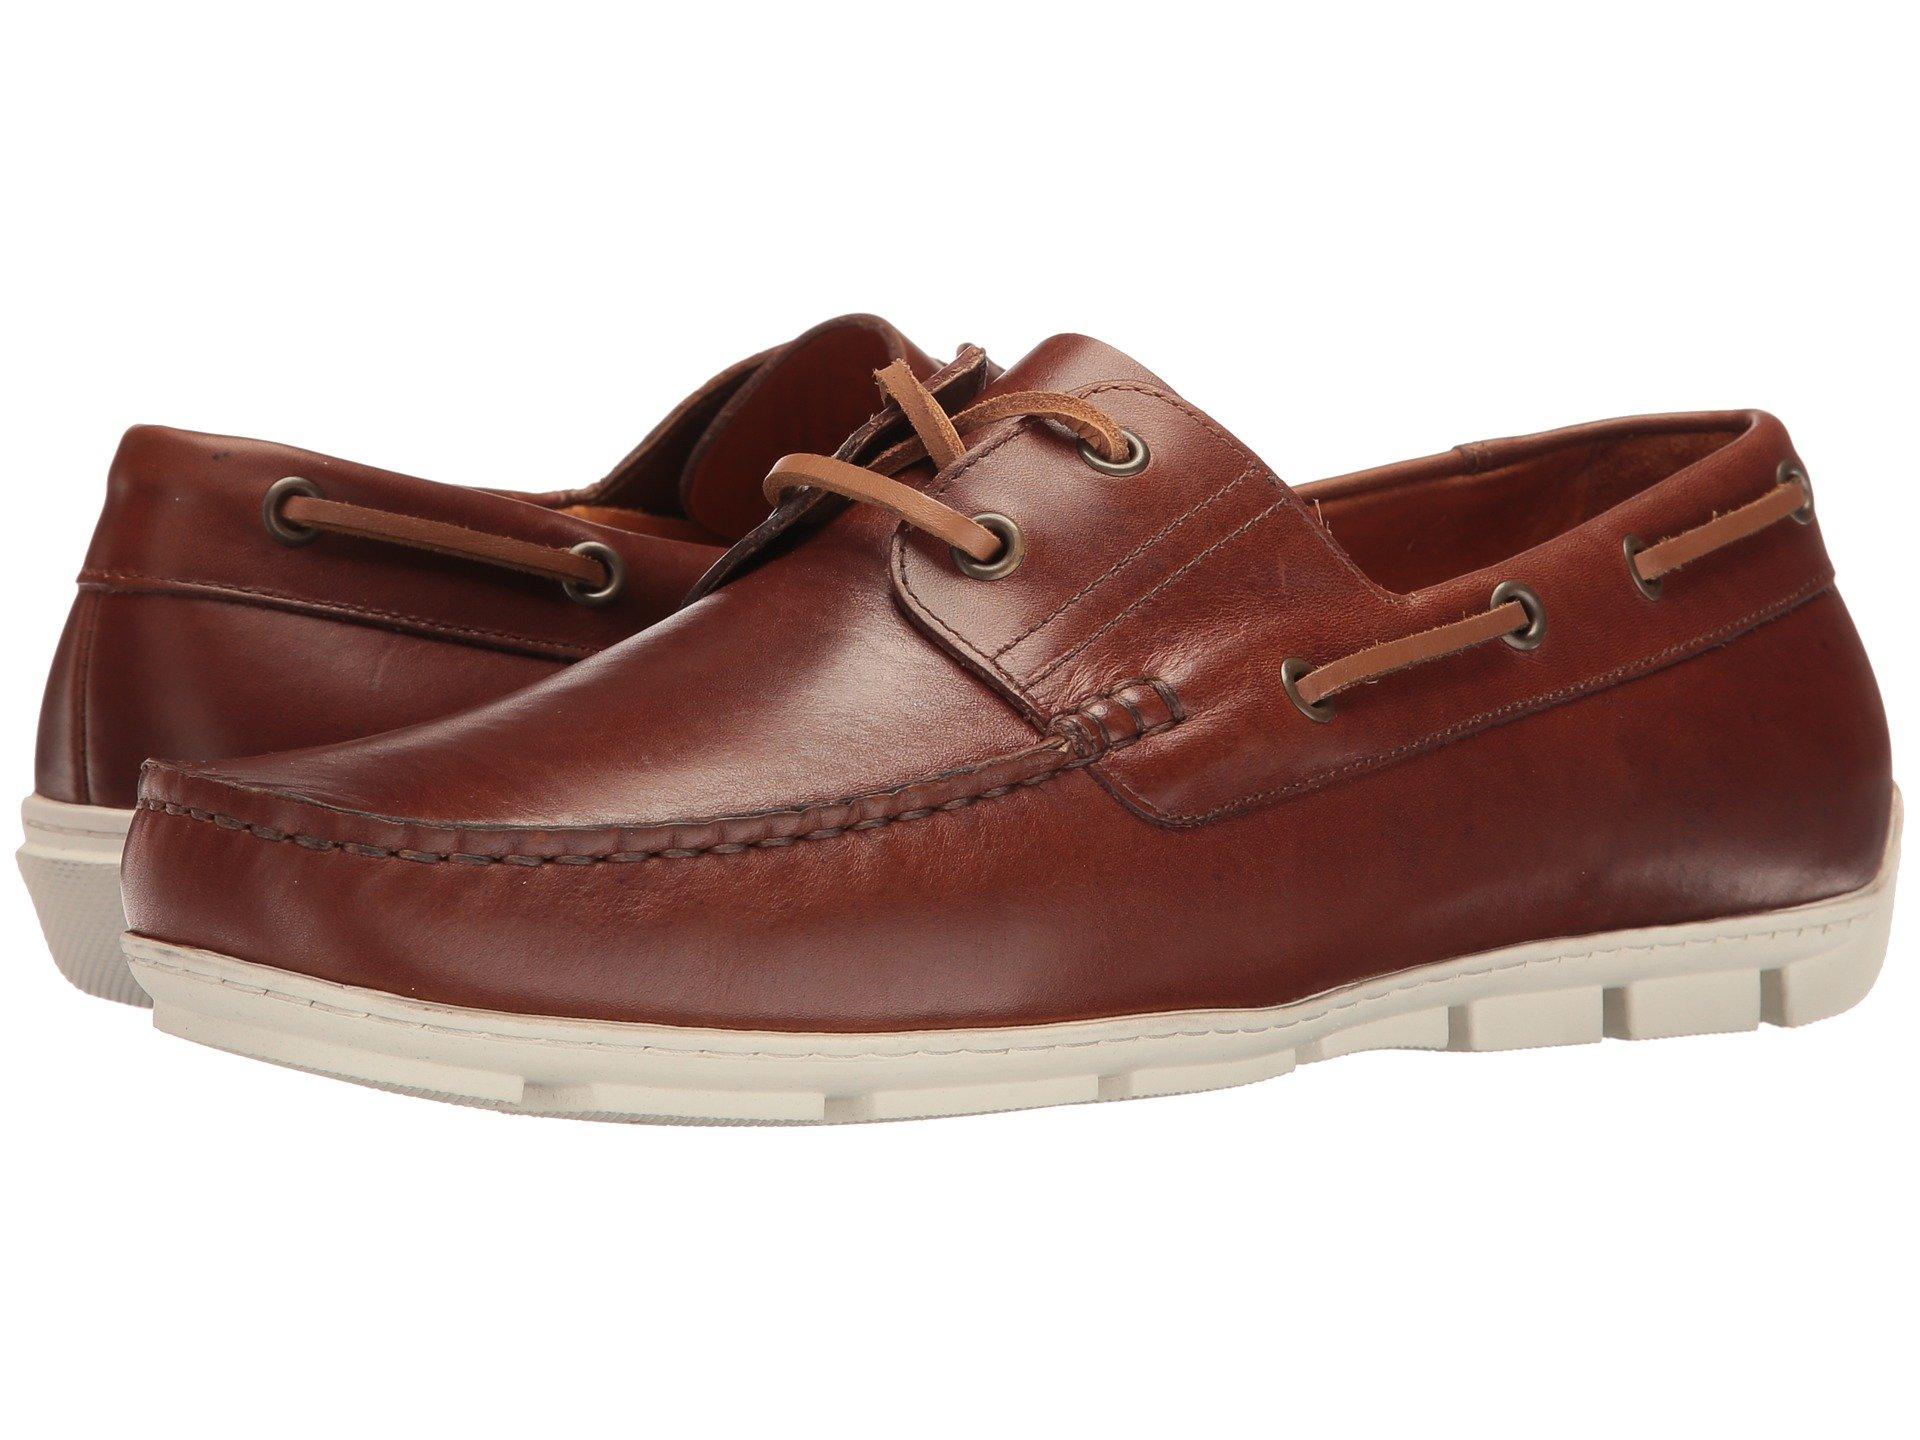 Calzado Tipo Boat Shoe para Hombre Vince Camuto Don  + Vince Camuto en VeoyCompro.net